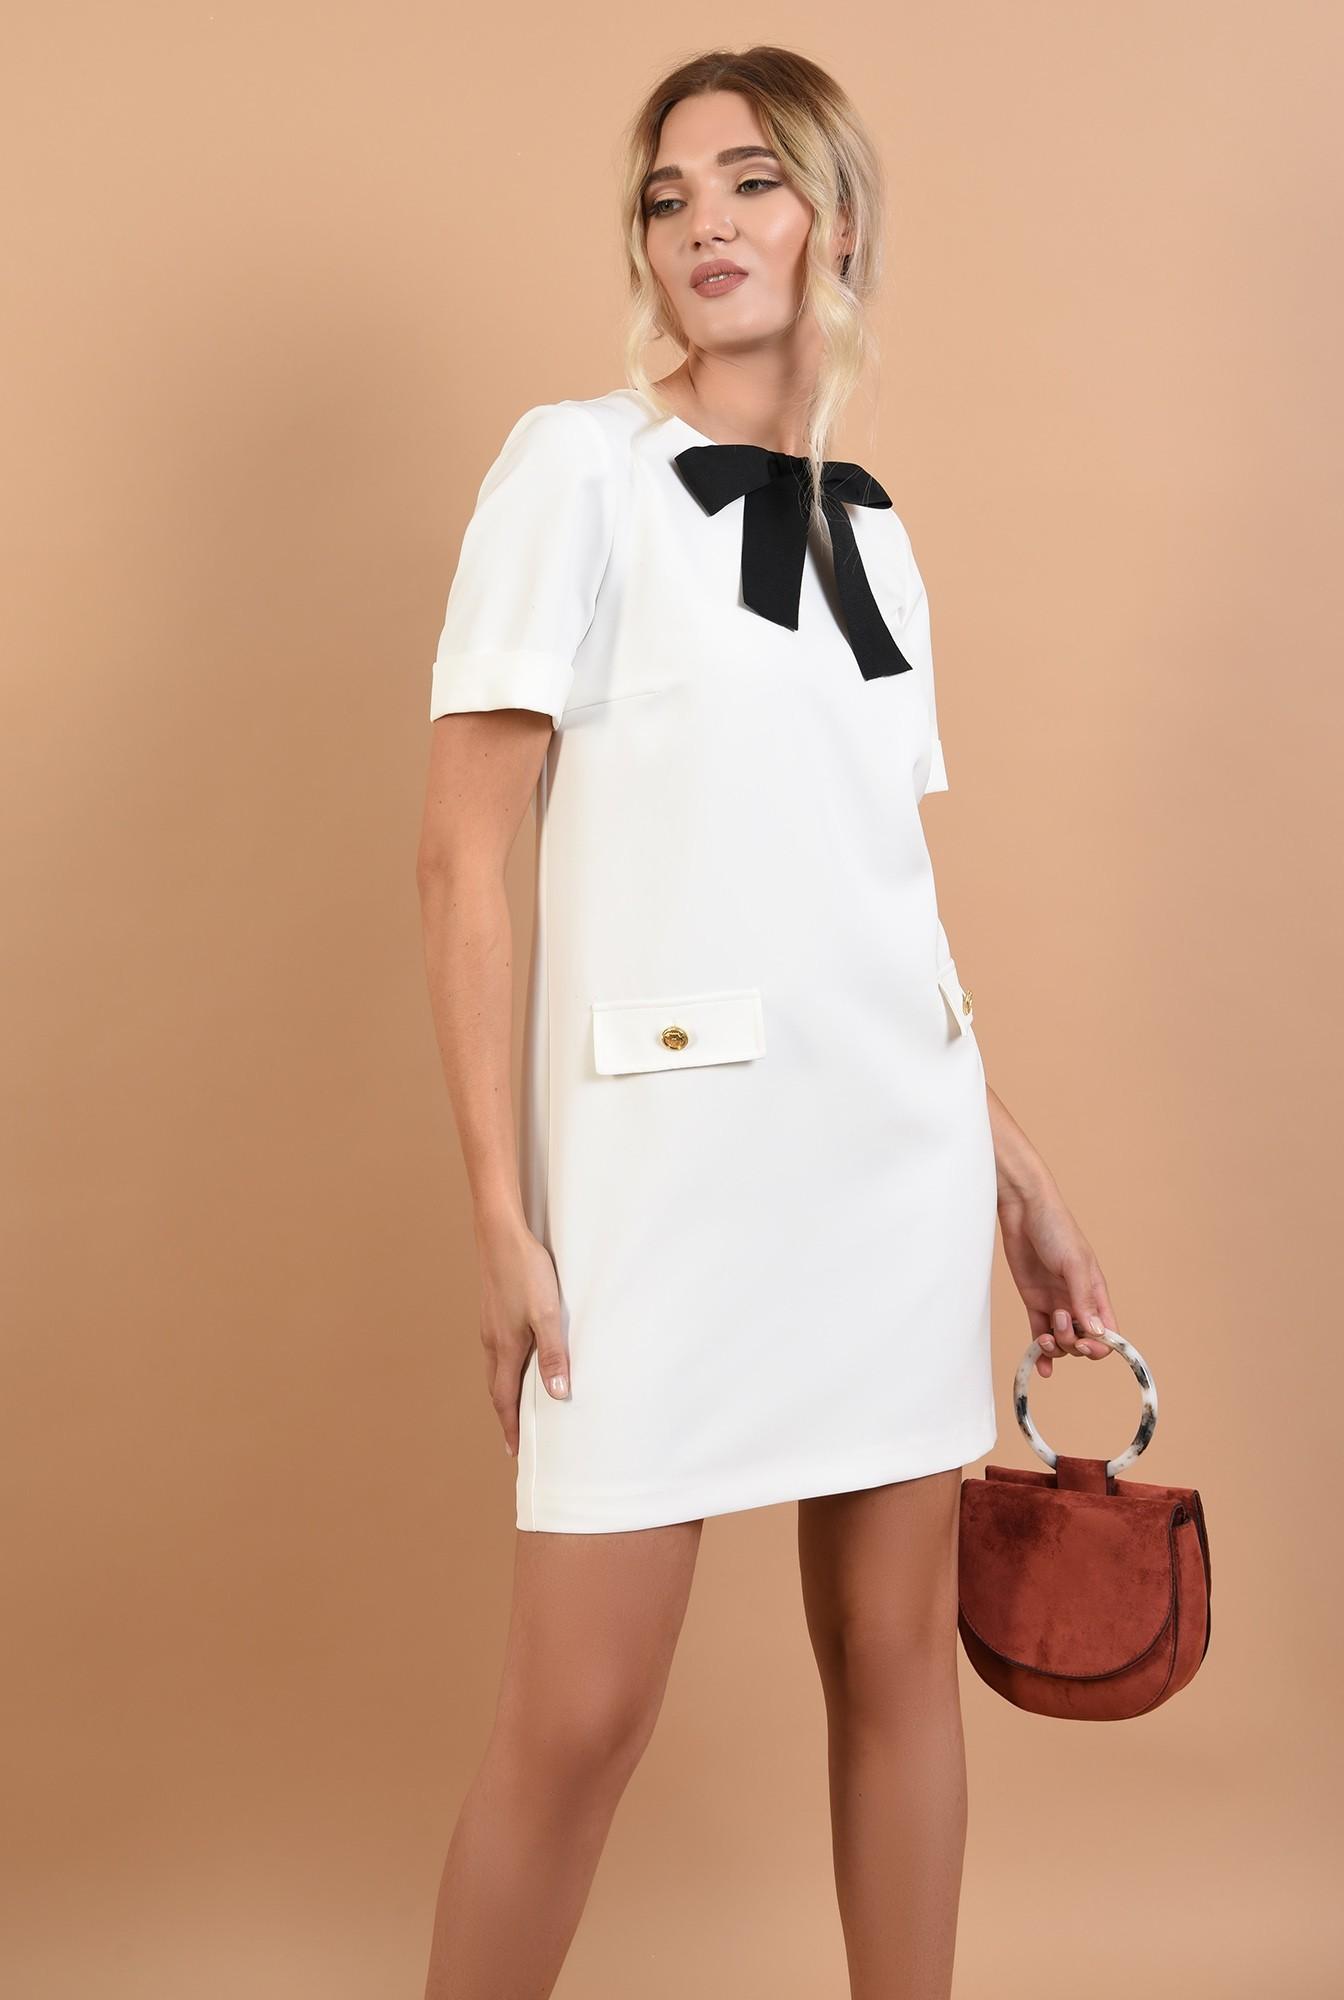 0 - rochie office, mini, dreapta, funda din rips, alb-negru, clape decorative